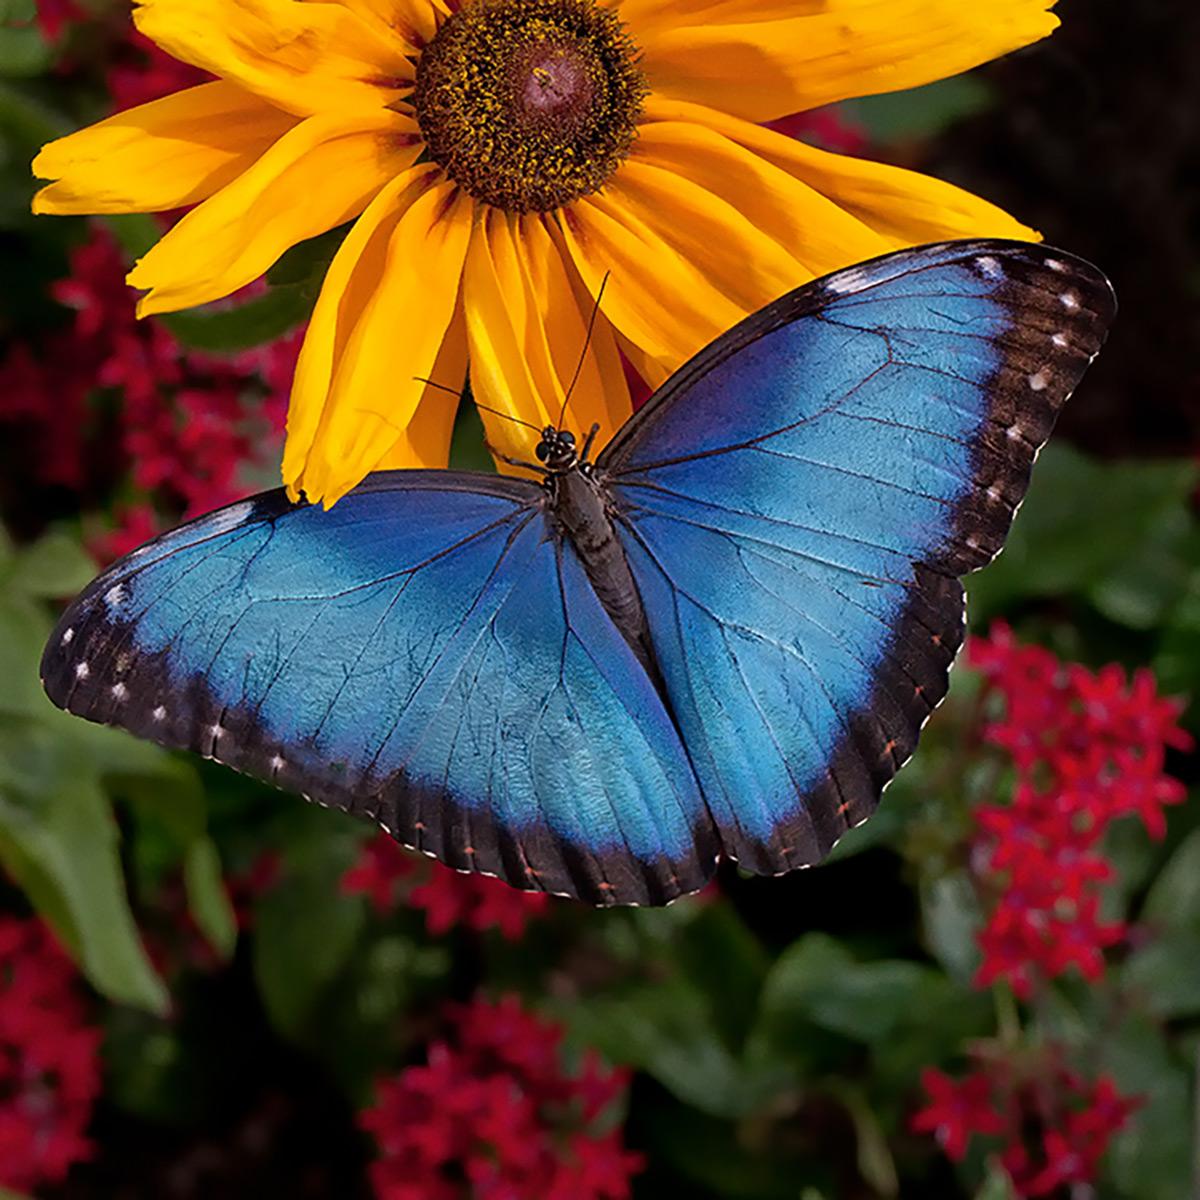 Brazilian Butterflies at the Chicago Botanic Garden